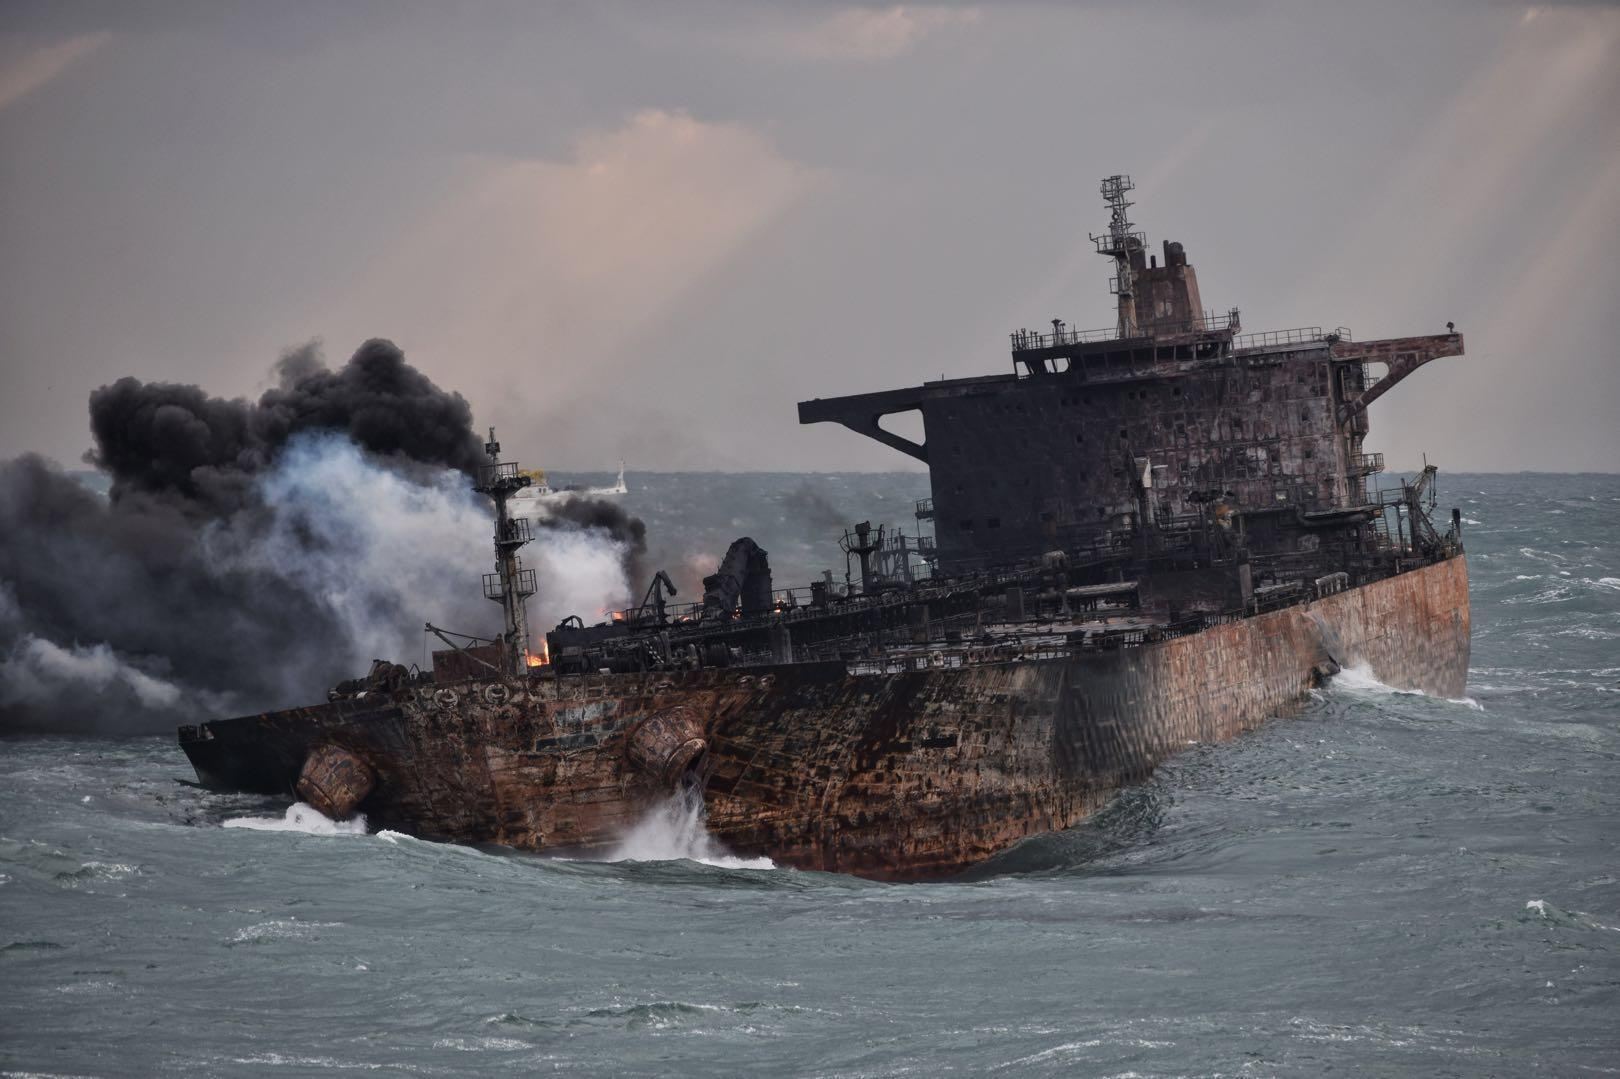 چینی ها هیچ کارشکنی نداشته اند/کشتی «سانچی» ثبت پاناماست/نماینده ایران از کشتی چینی بازدید کرده است